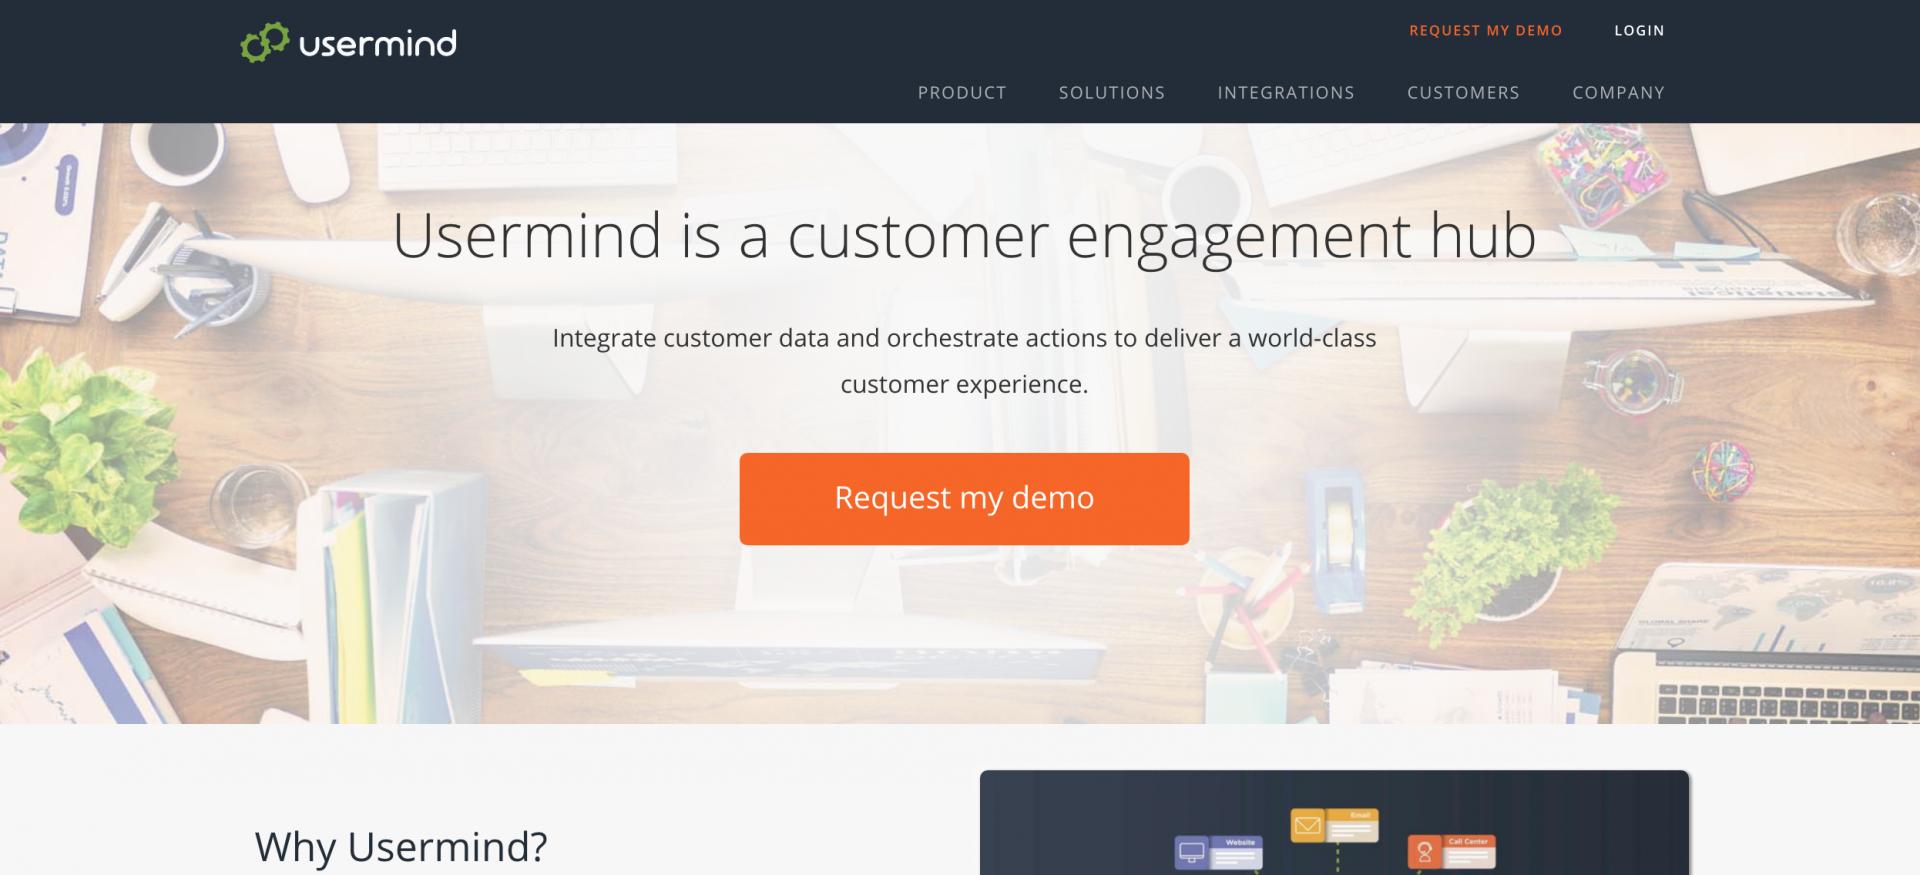 startup più innovative nel software per il 2018 usermind